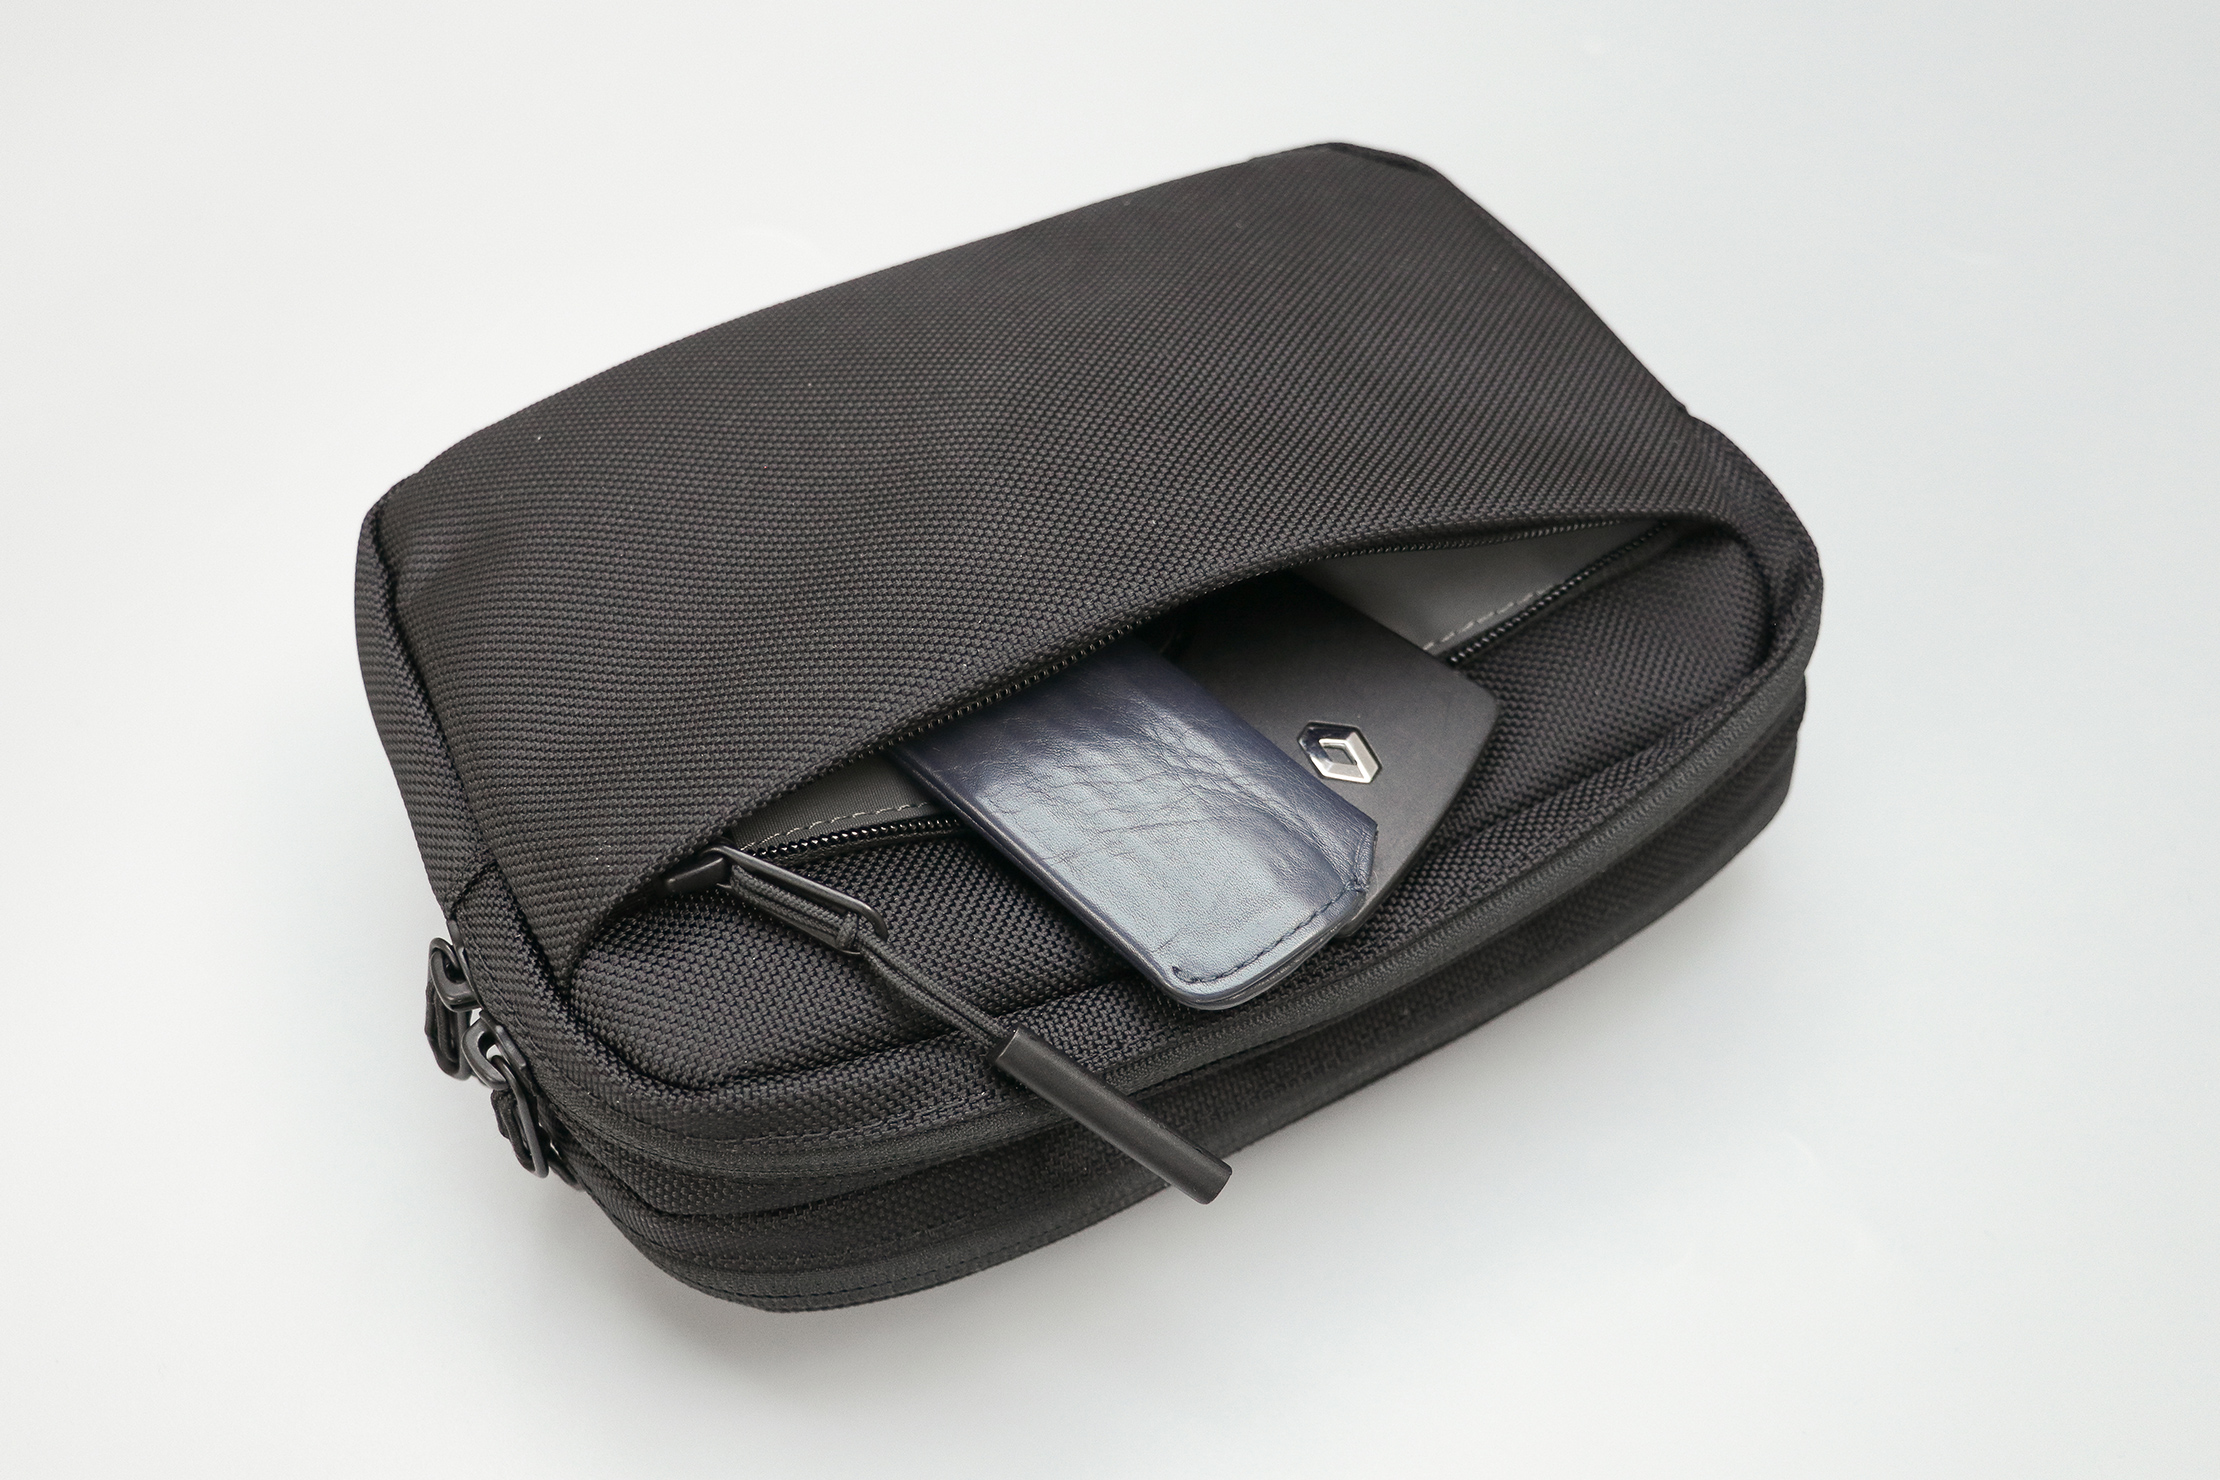 Aer Cable Kit 2 Back Pocket